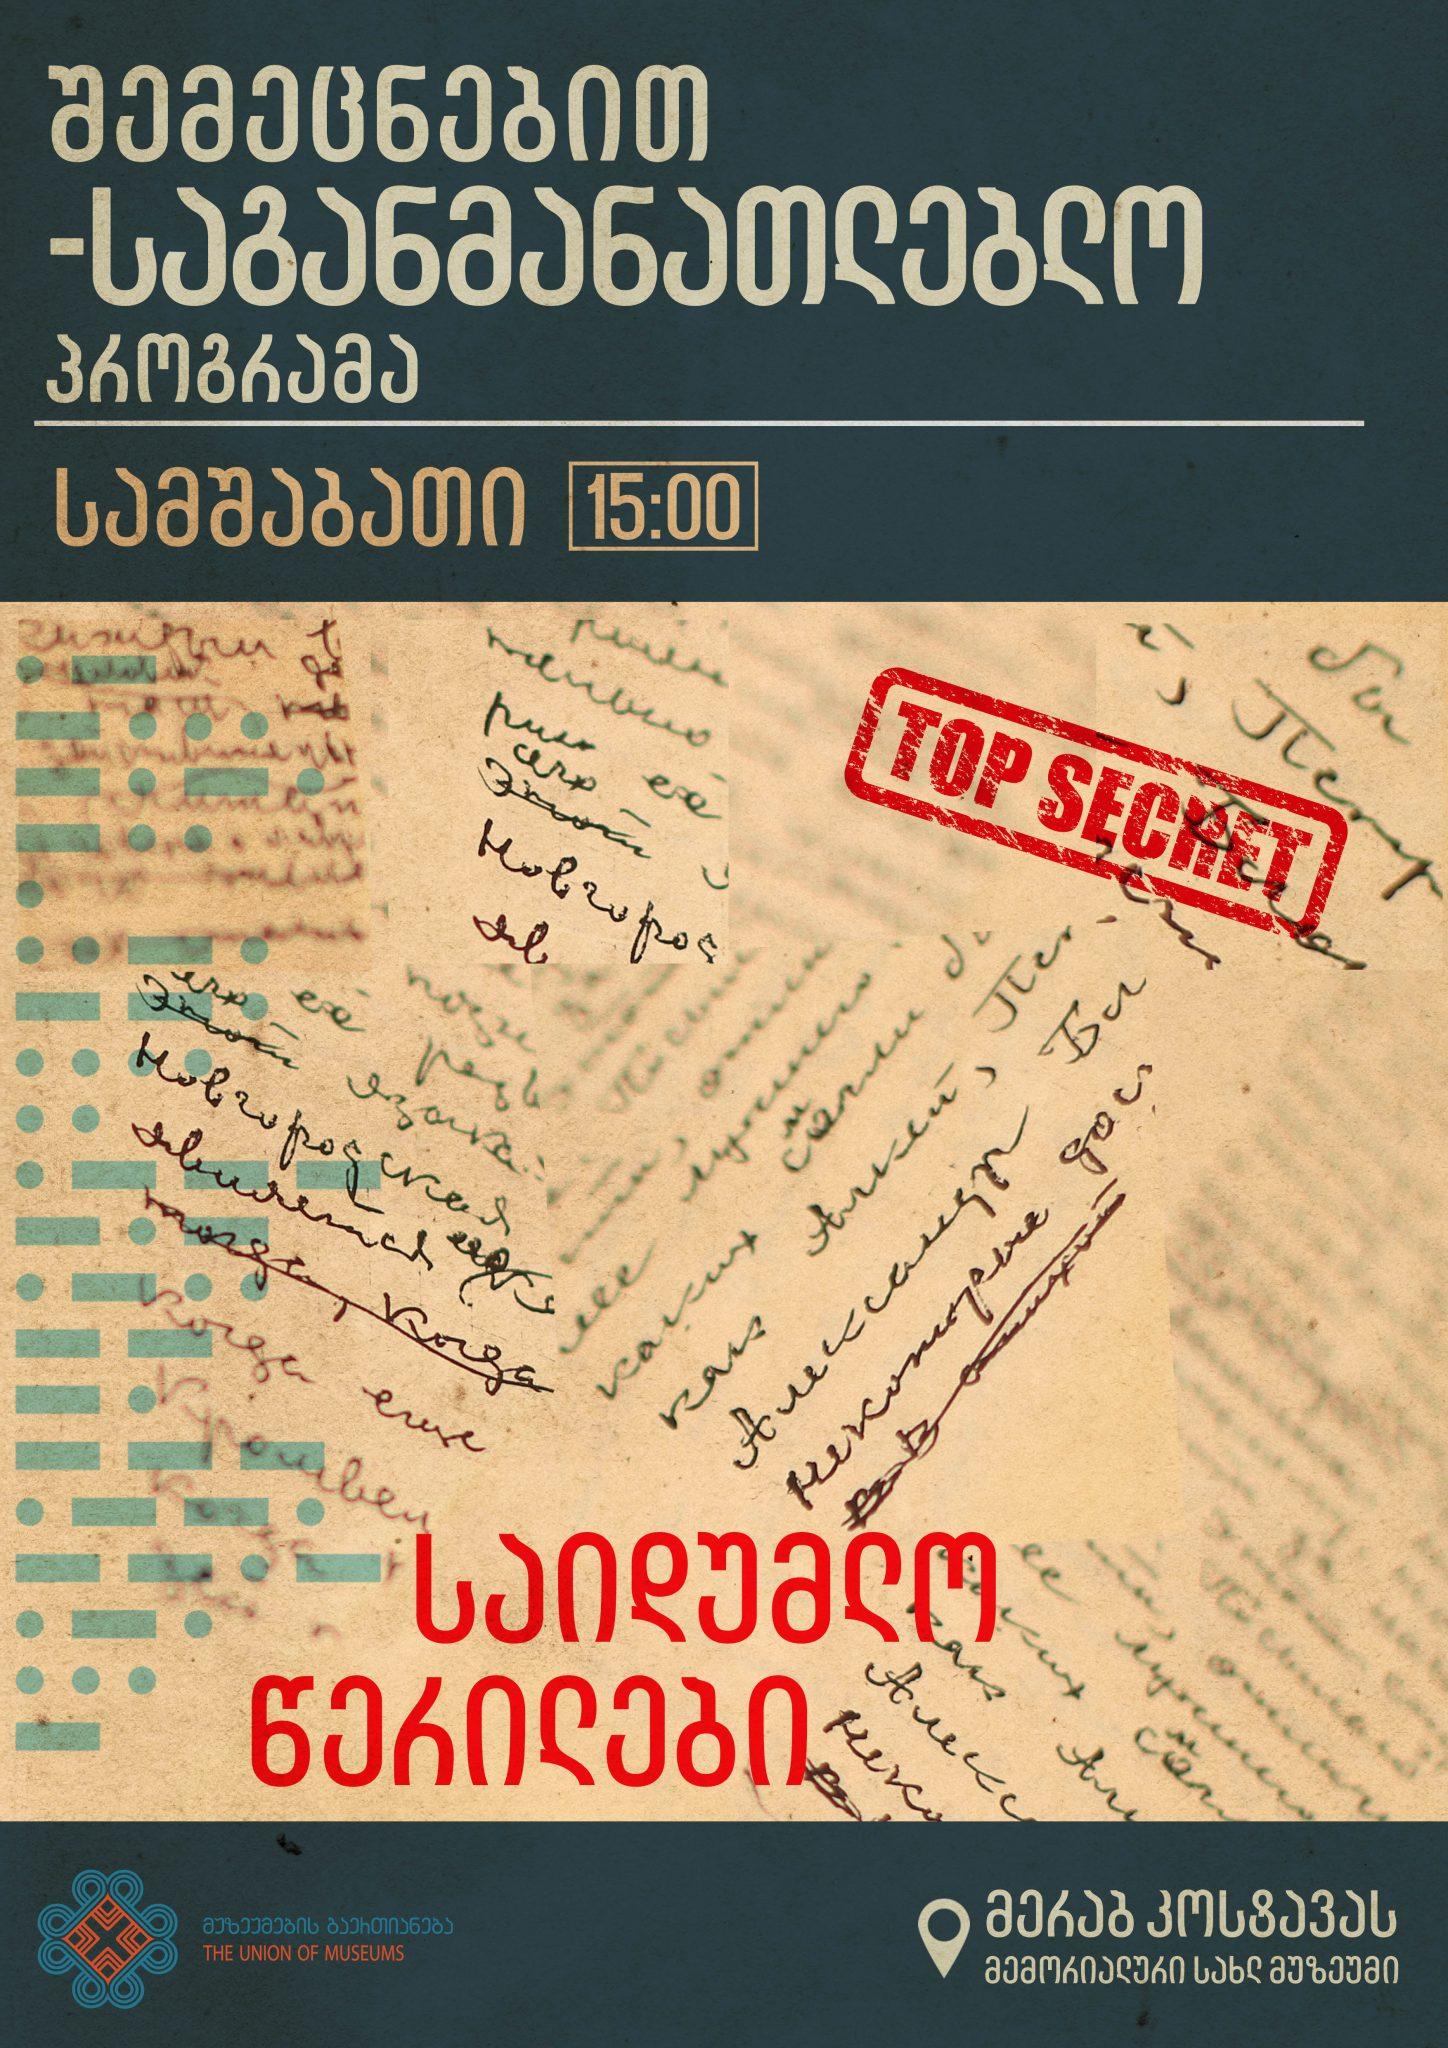 წერილები - საიდუმლო წერილები